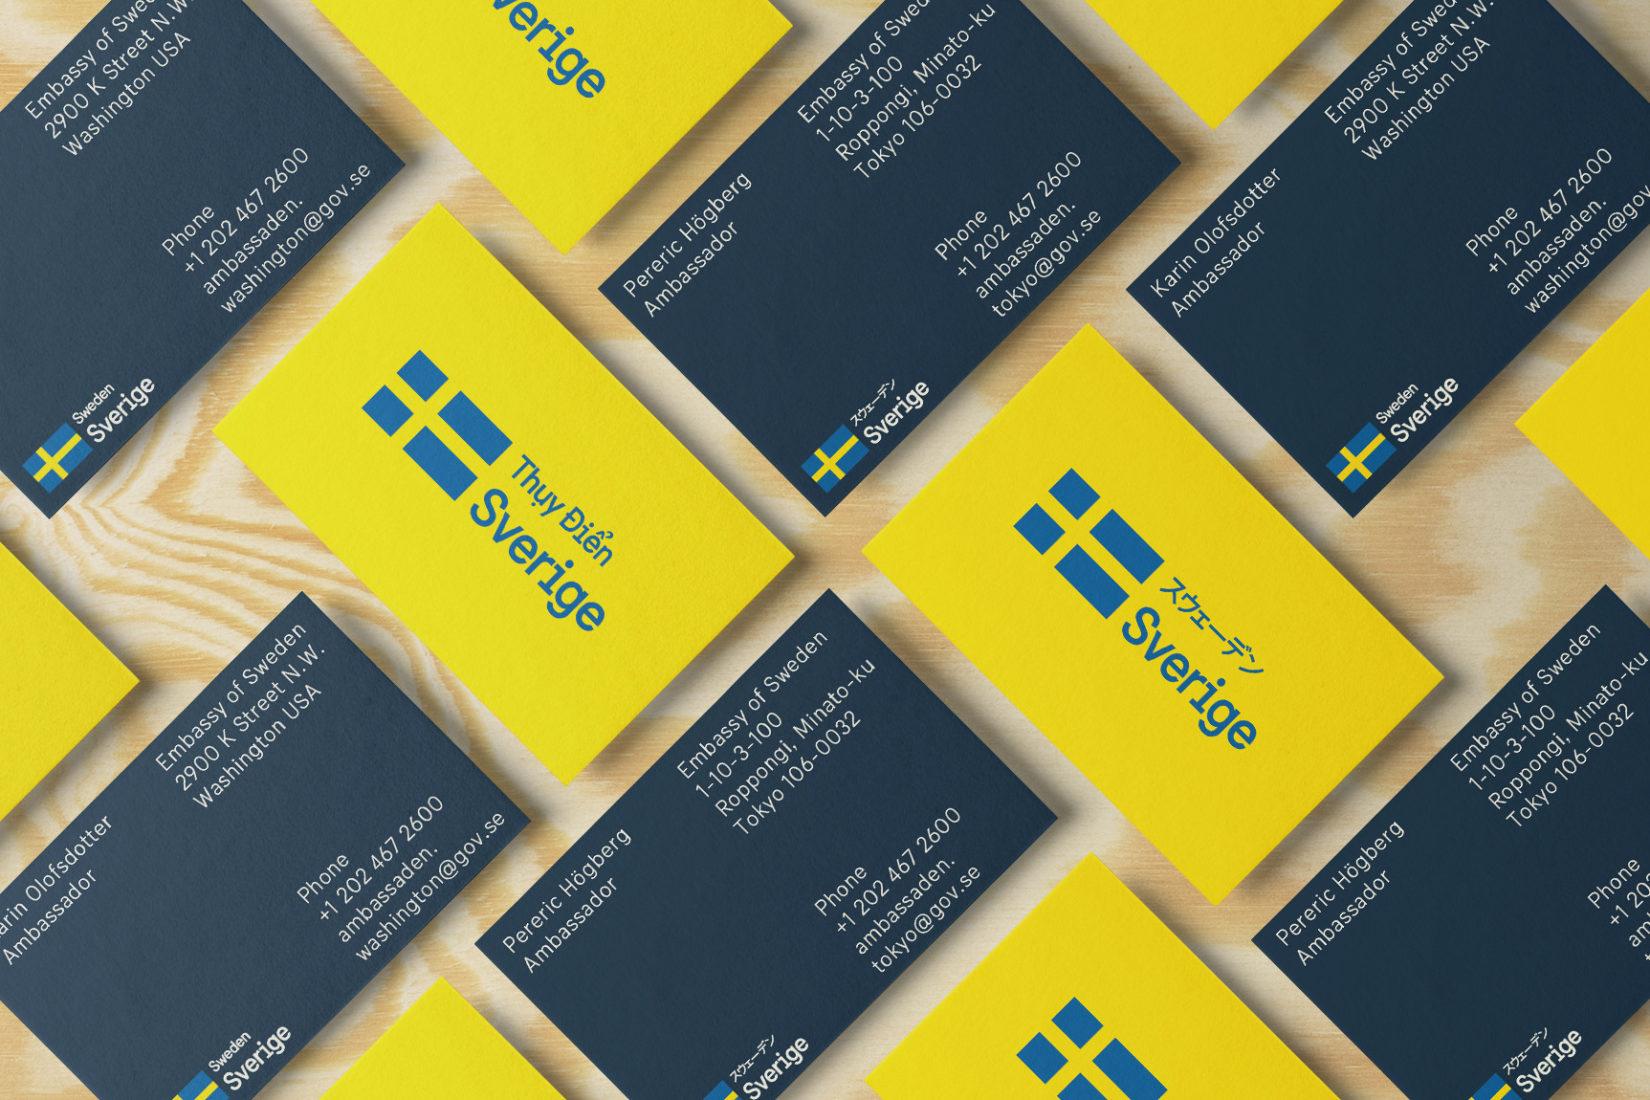 Exempel på Sveriges Visuella identitet